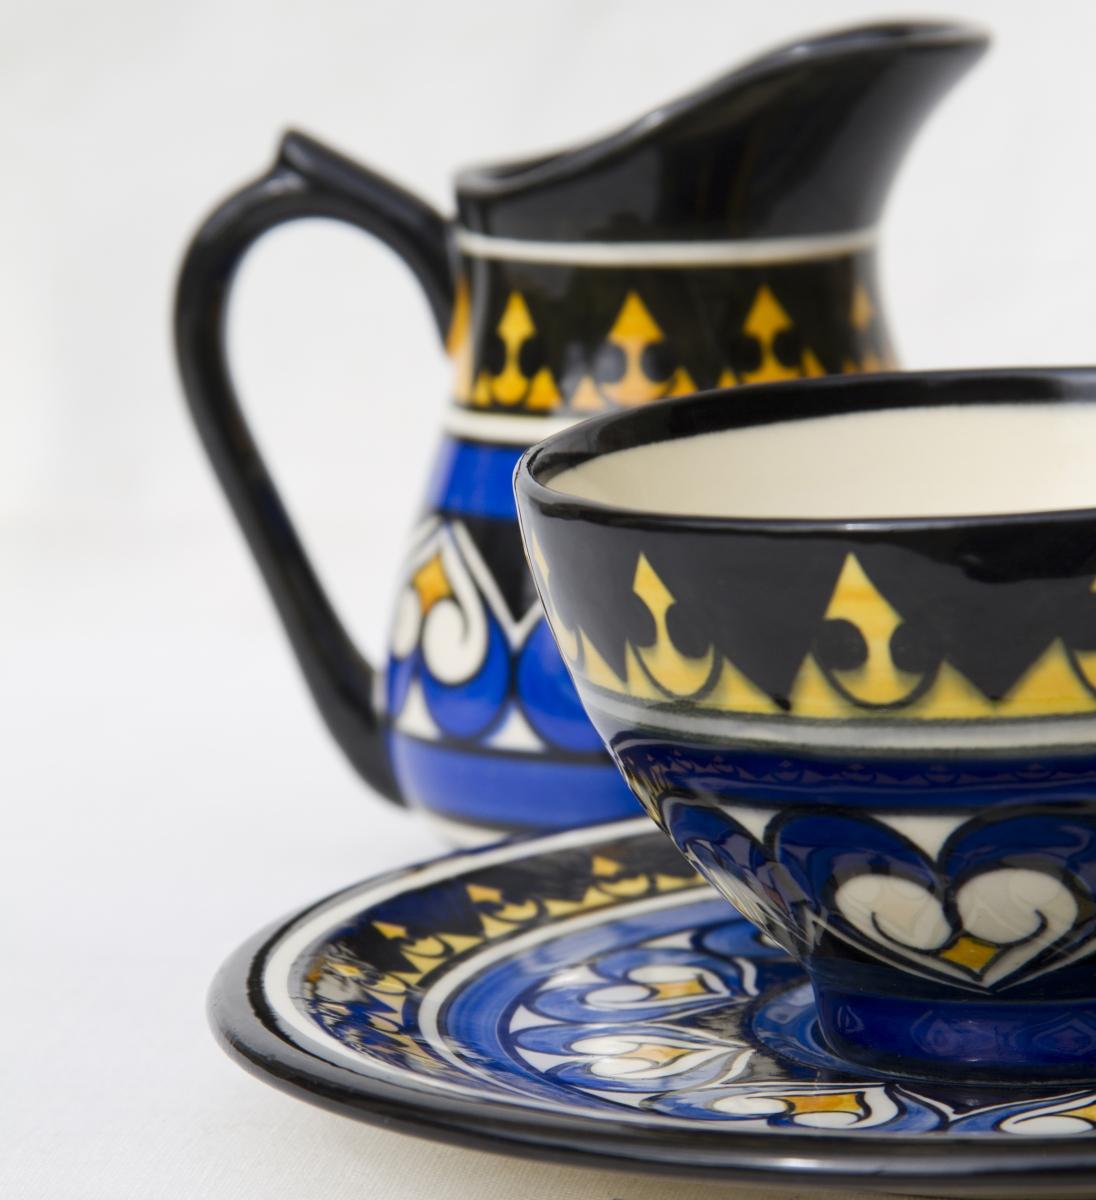 le patiau 56 saint jean la poterie guide touristique morbihan bretagne finistere cotes d. Black Bedroom Furniture Sets. Home Design Ideas